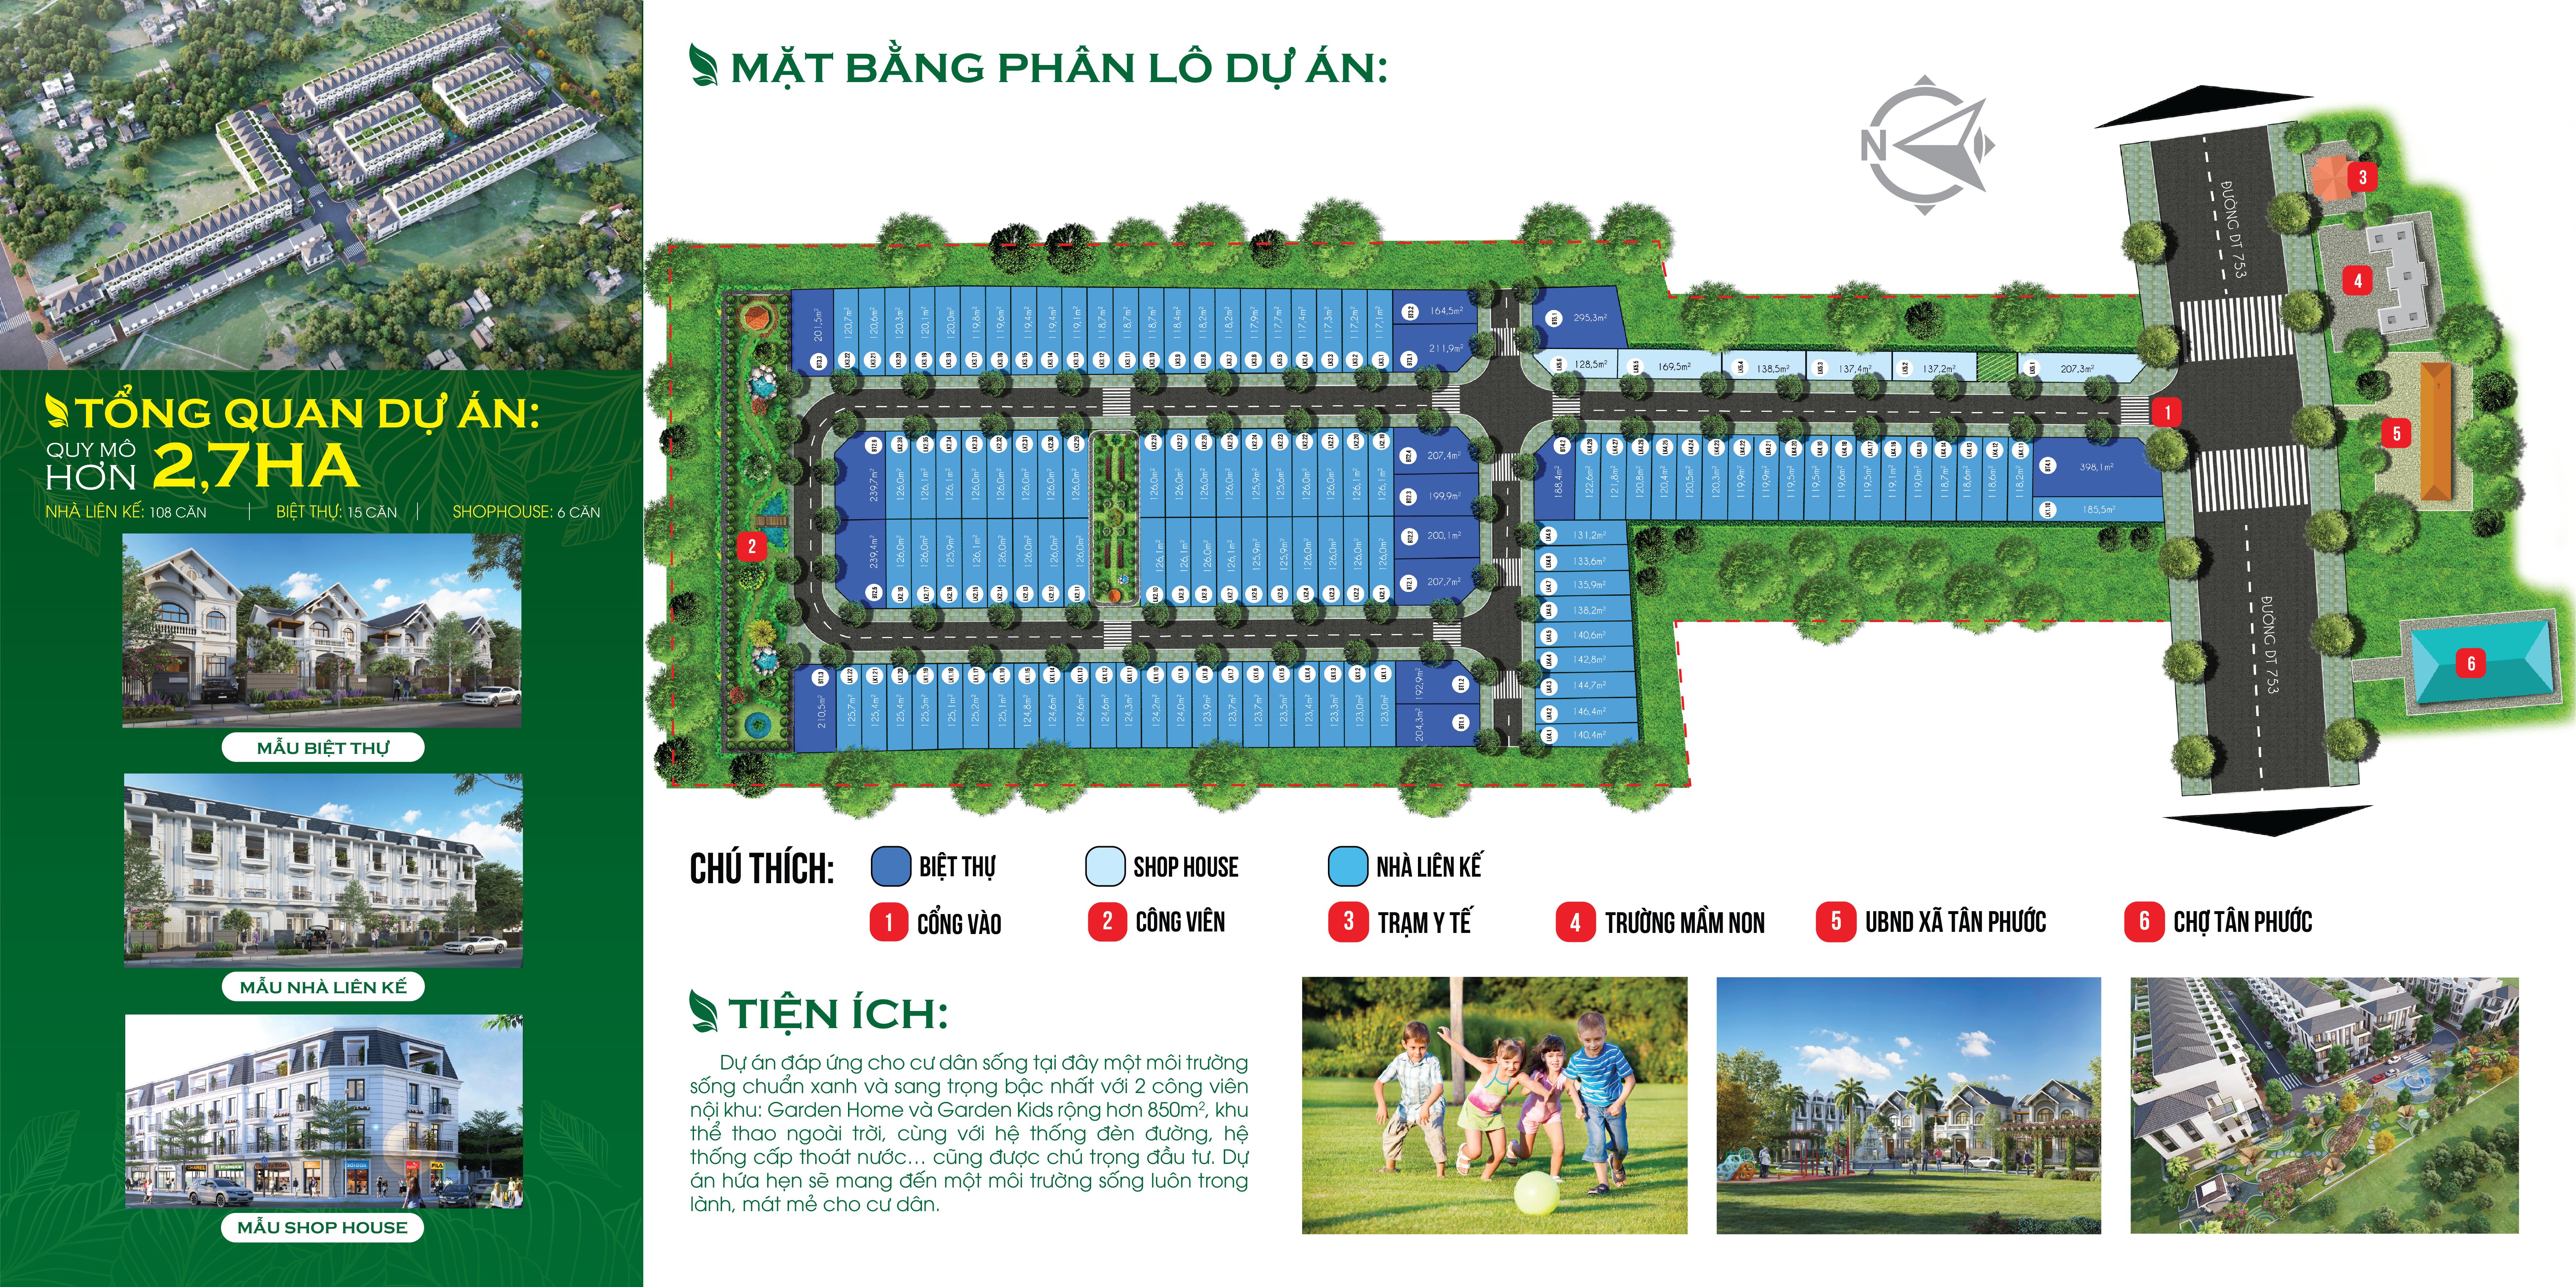 Mặt bằng dự án đất nền khu dân cư Tân Phước Center Bình Phước